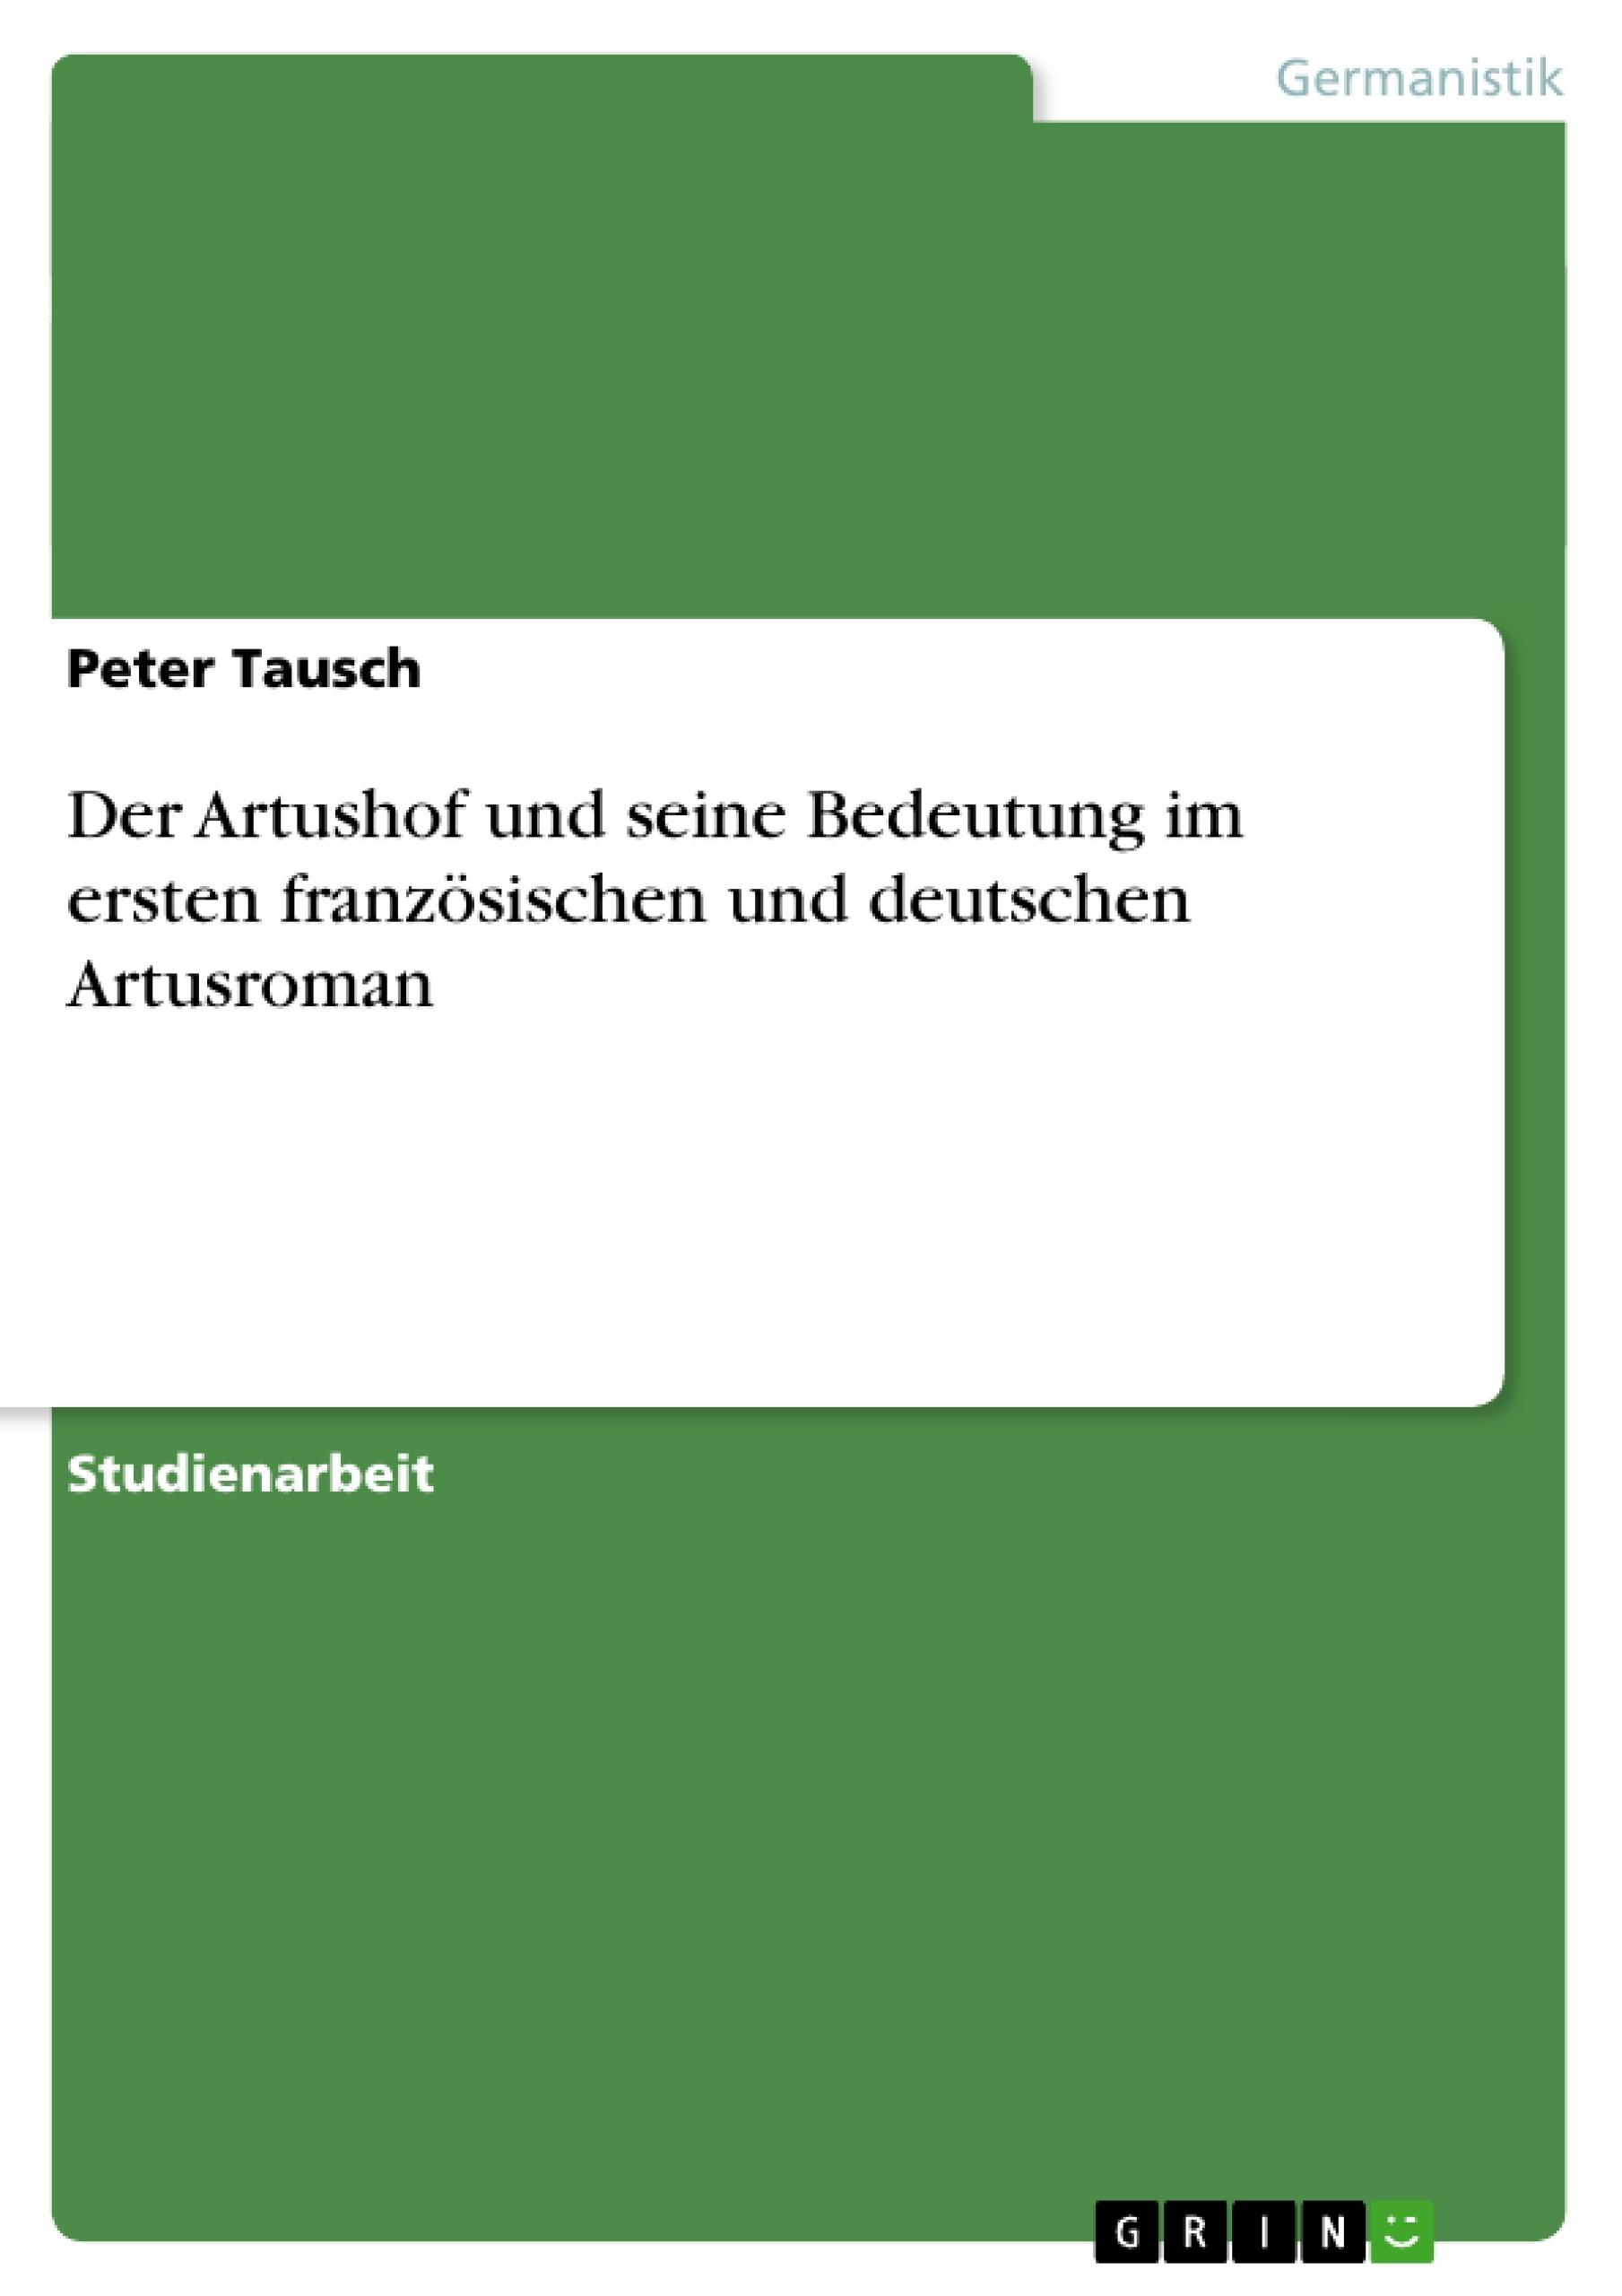 Titel: Der Artushof und seine Bedeutung im ersten französischen und deutschen Artusroman